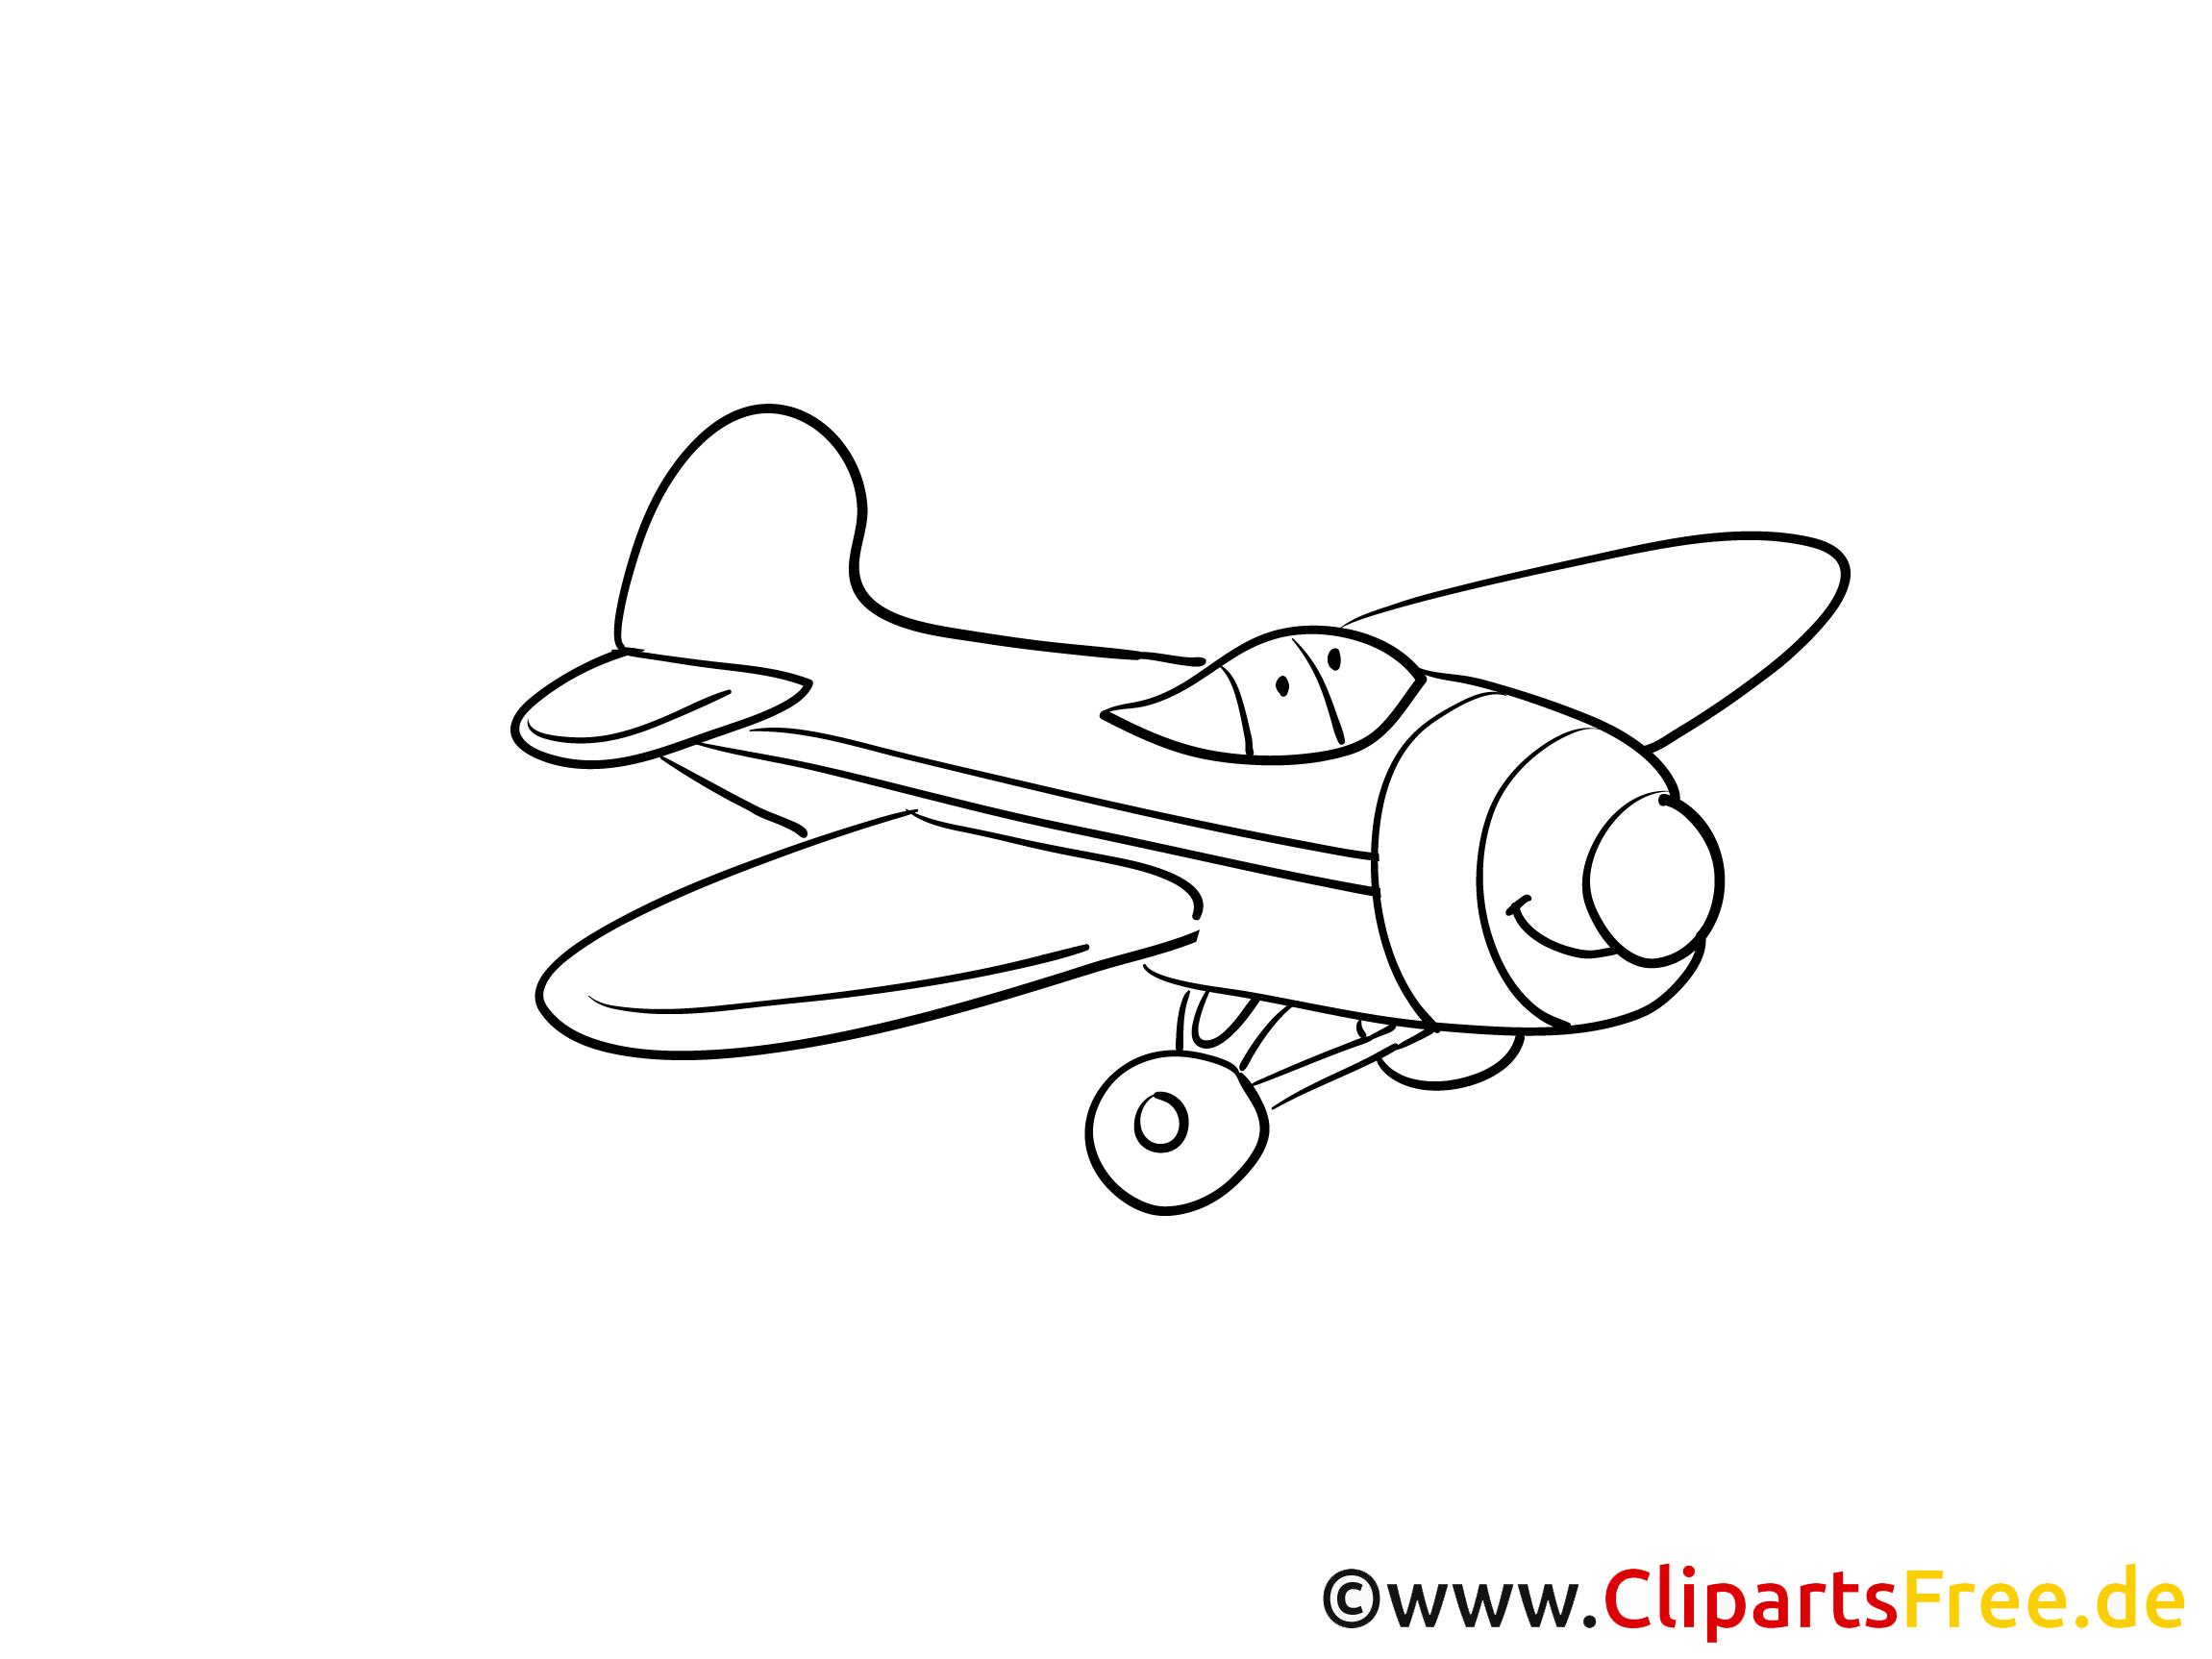 Himmel Passagierflugzeug Flughafen Ausmalbilder zum Drucken